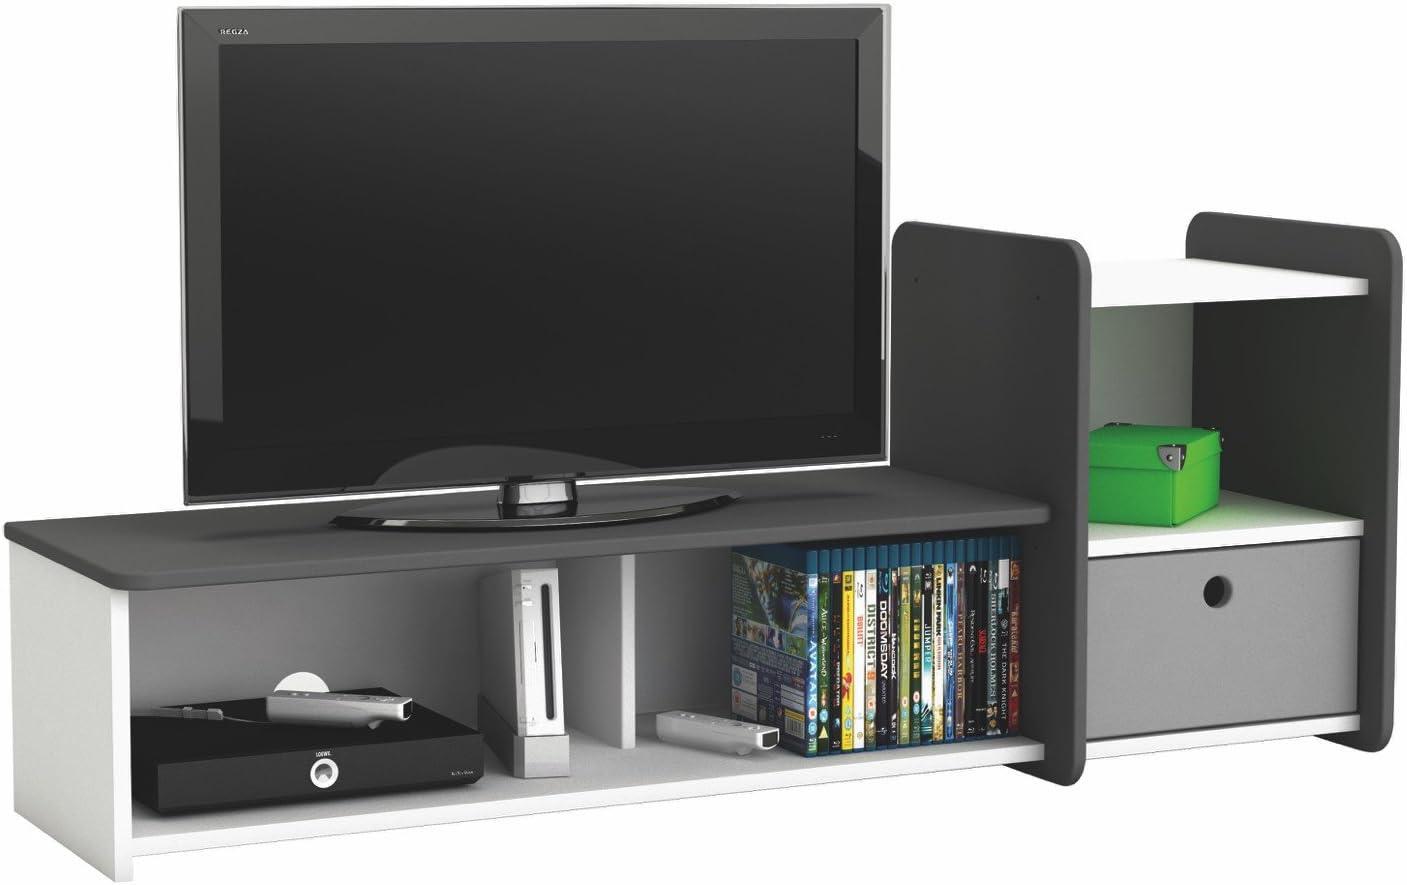 Mesa Soporte Juvenil de televisión TV Multimedia. Blanco y Gris. para salón Comedor habitación Infantil: Amazon.es: Hogar